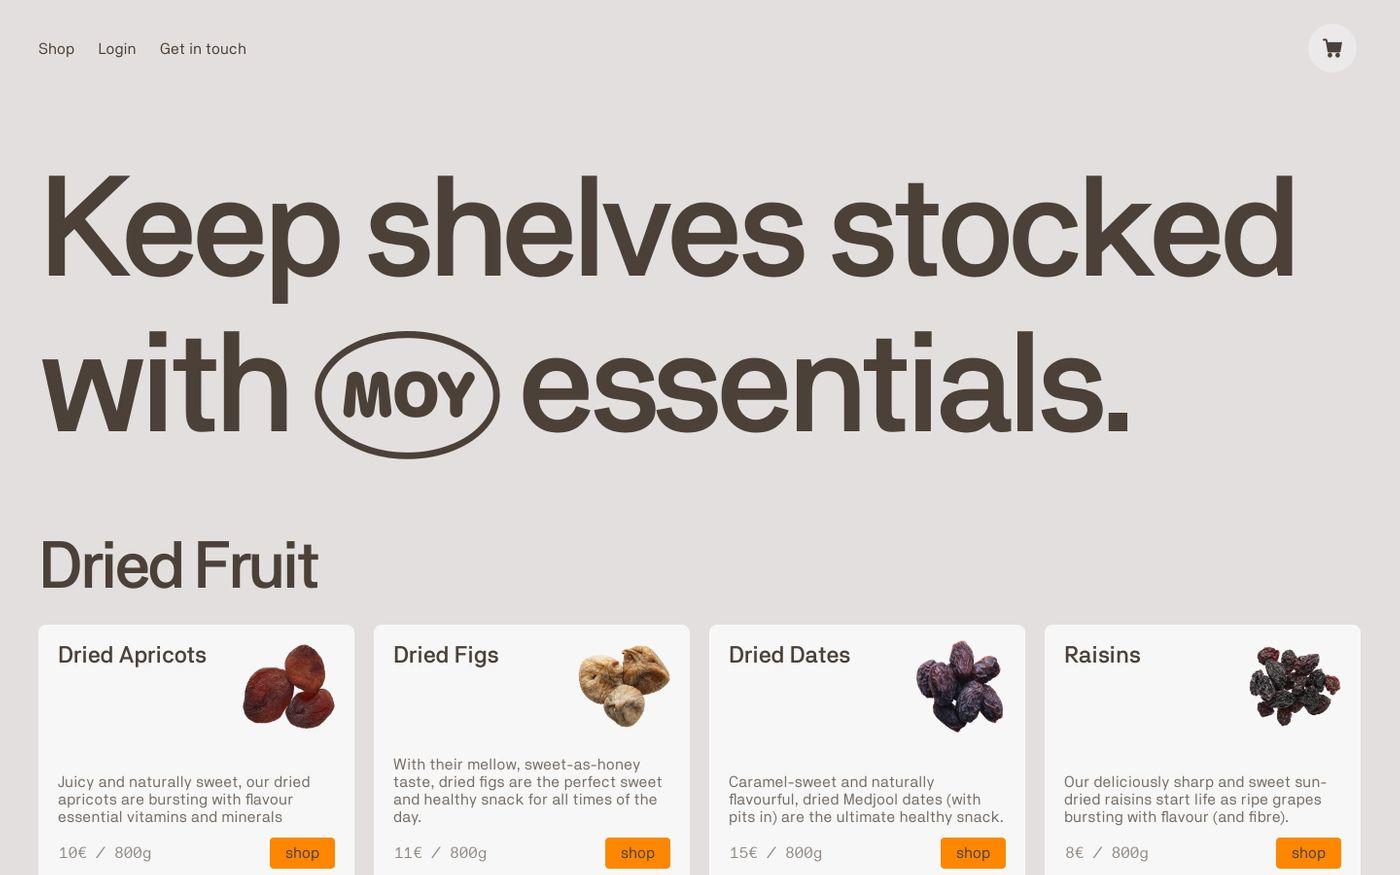 Screenshot of Moy website